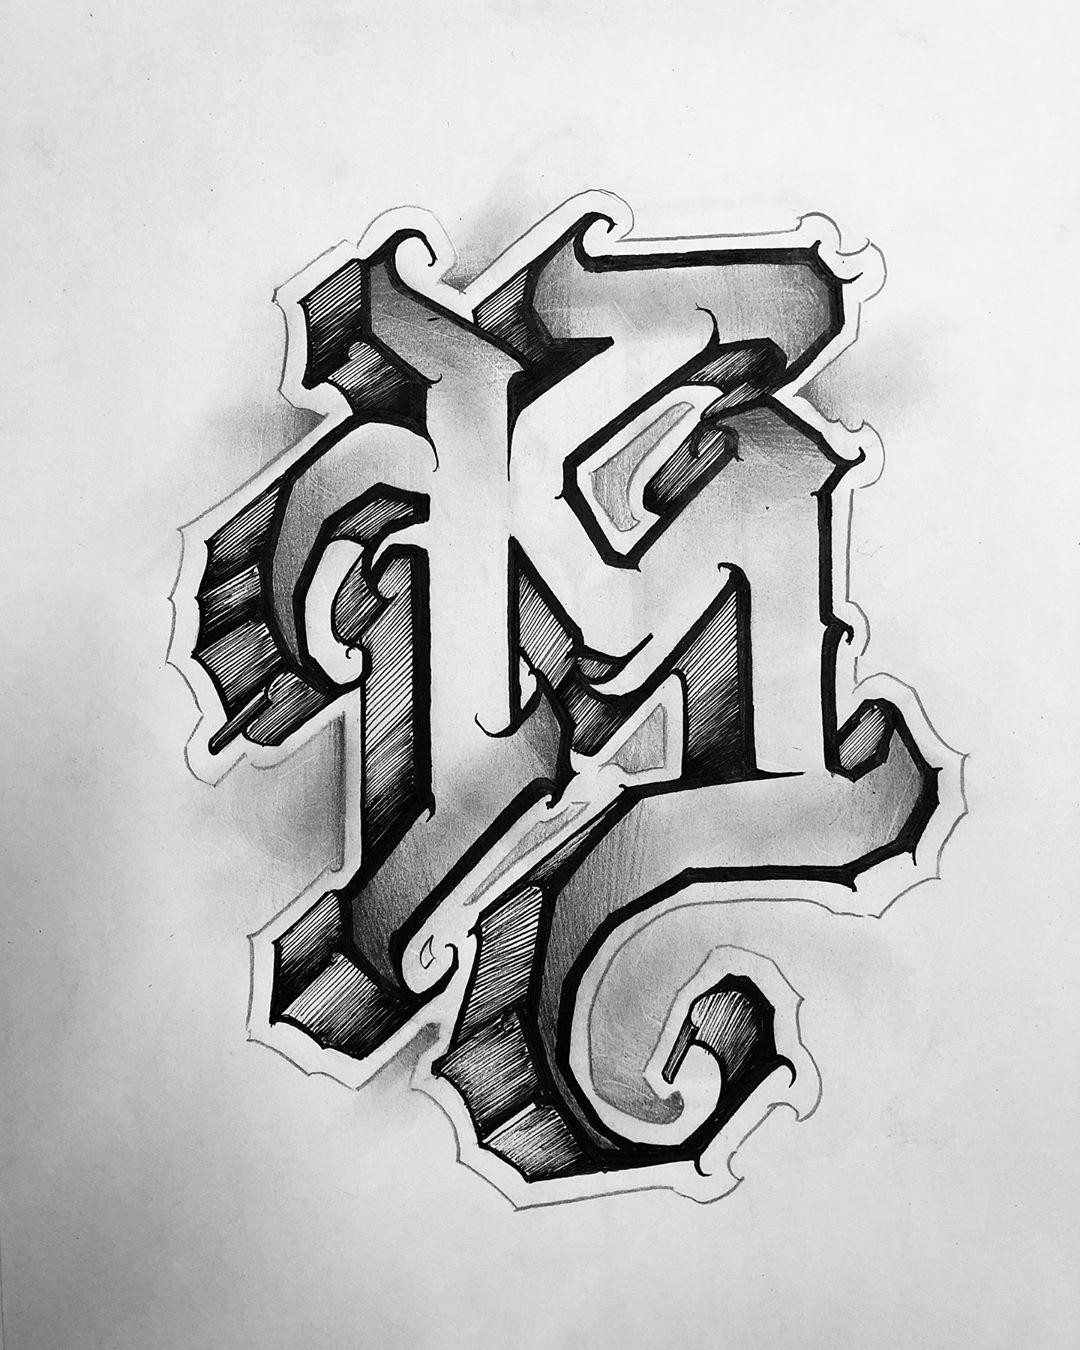 """𝕵𝖔𝖘𝖊 𝖗𝖆𝖒𝖎𝖗𝖊𝖟 on Instagram """"Letra """" k """" 🔥 k.letterss"""